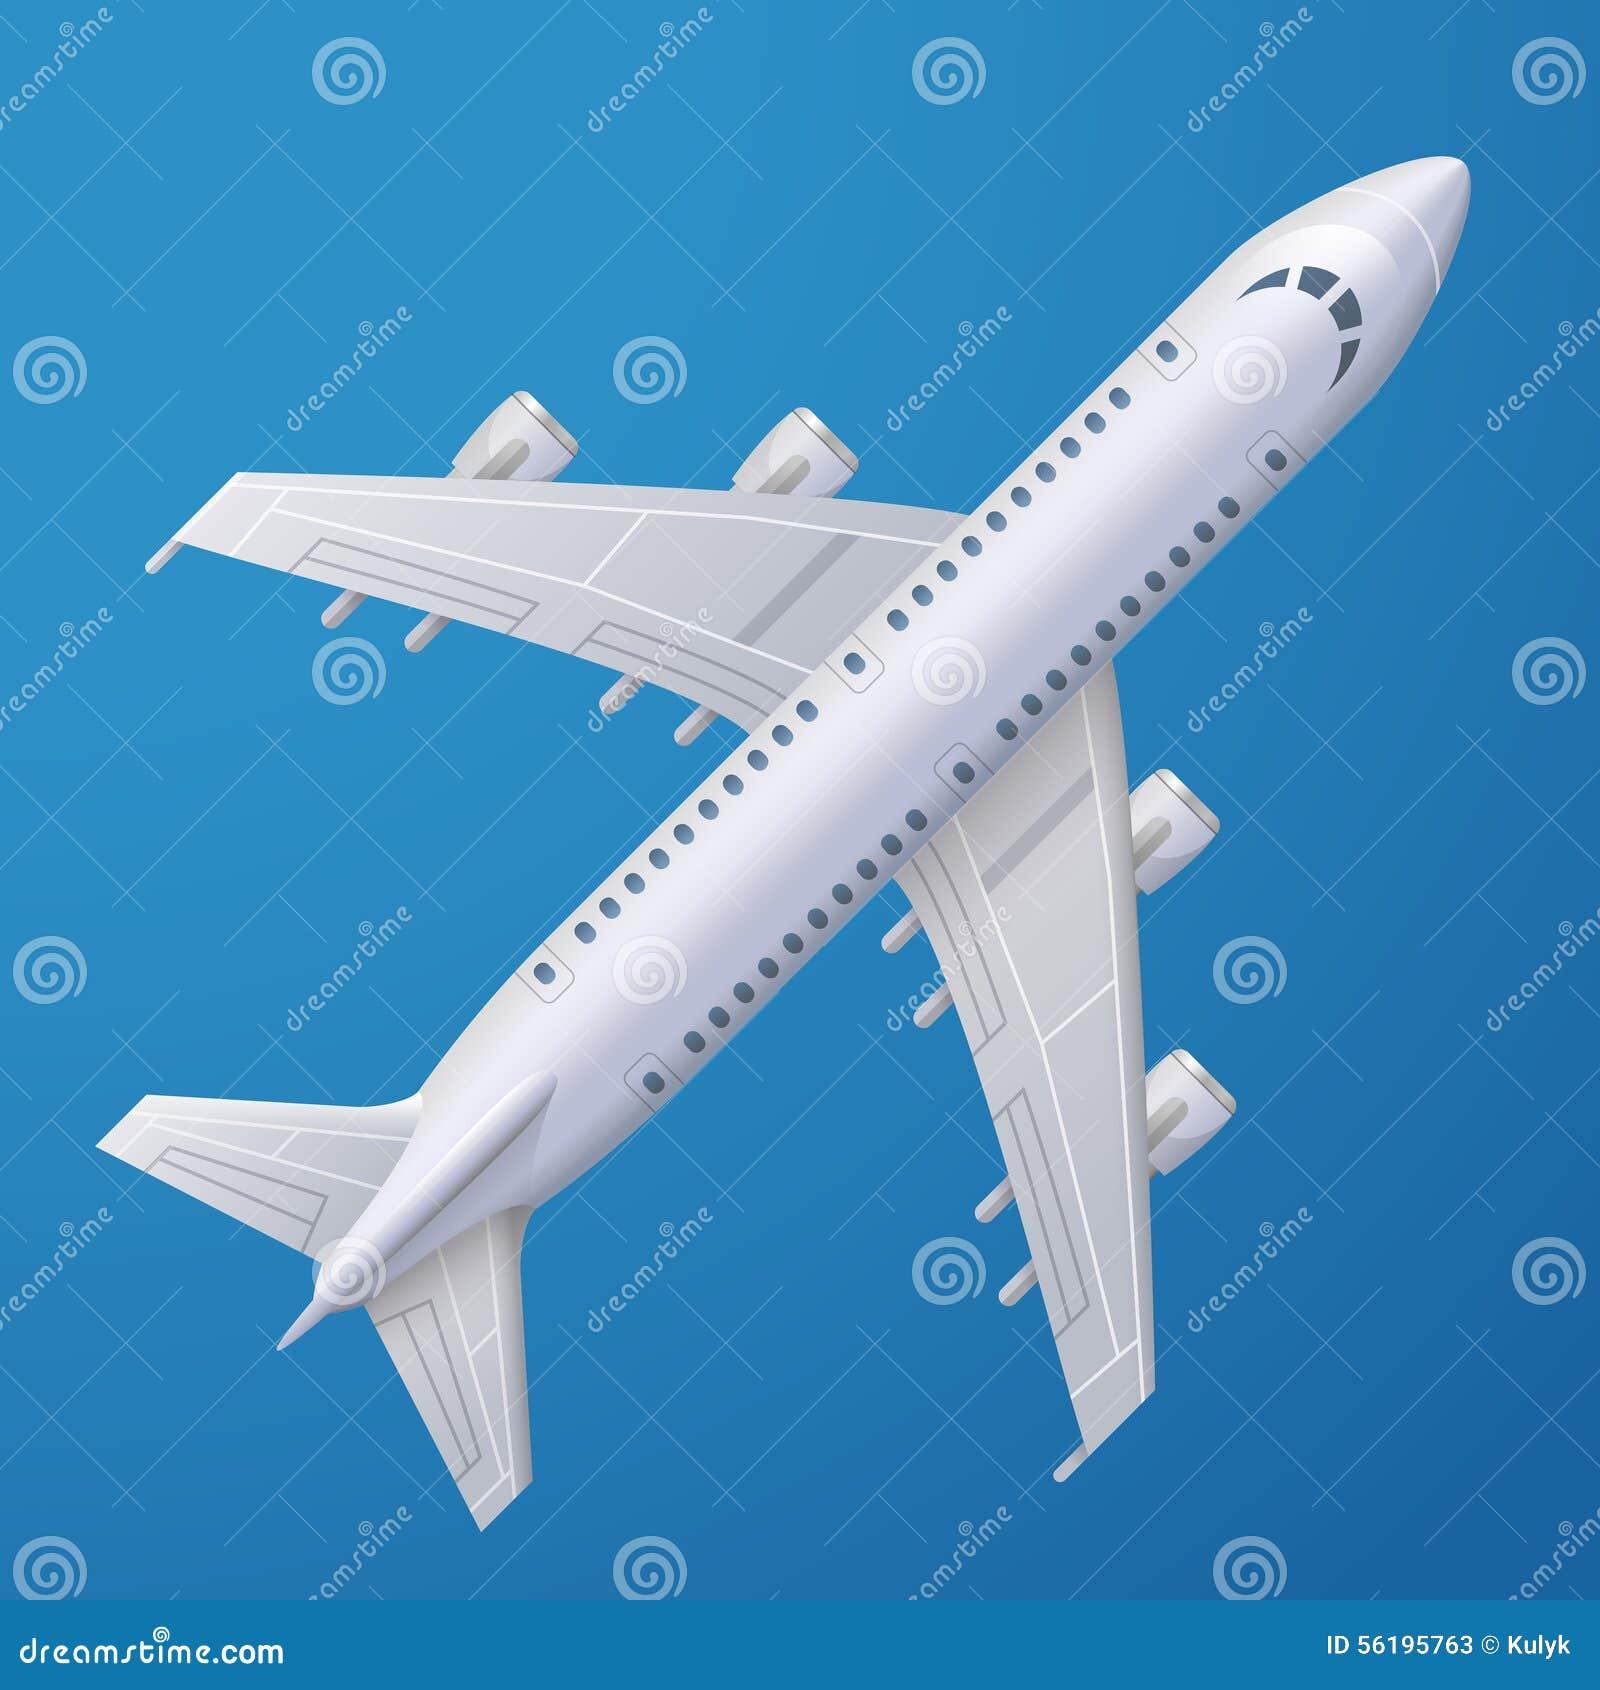 Wit vliegtuig tegen blauwe achtergrond